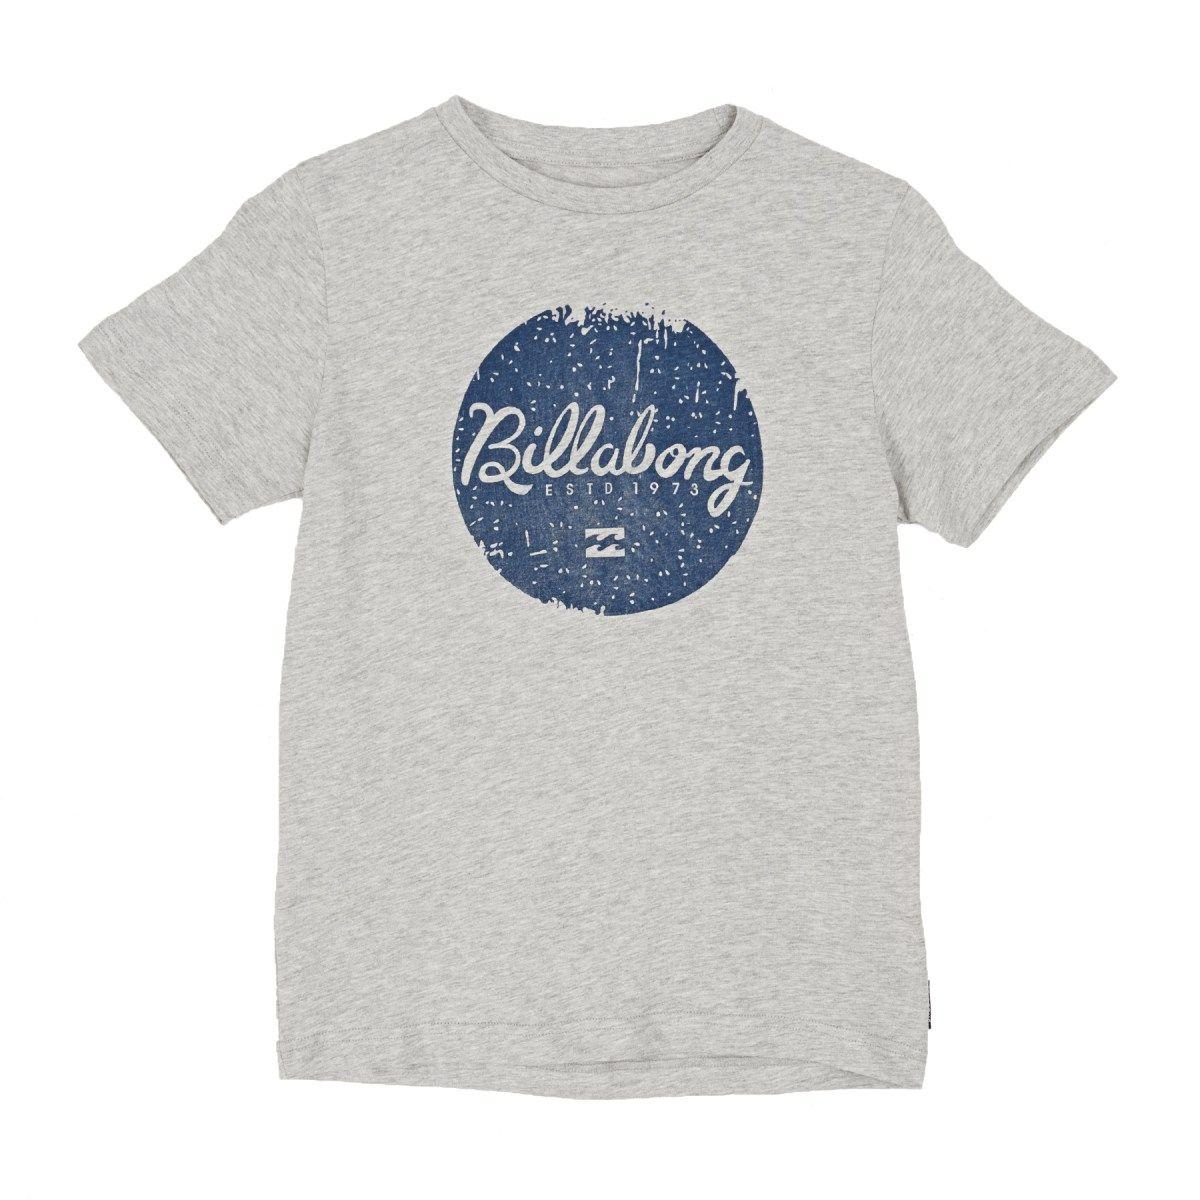 Billabong T-shirts - Billabong Scriptik Boys T-shirt - Light Grey Heat